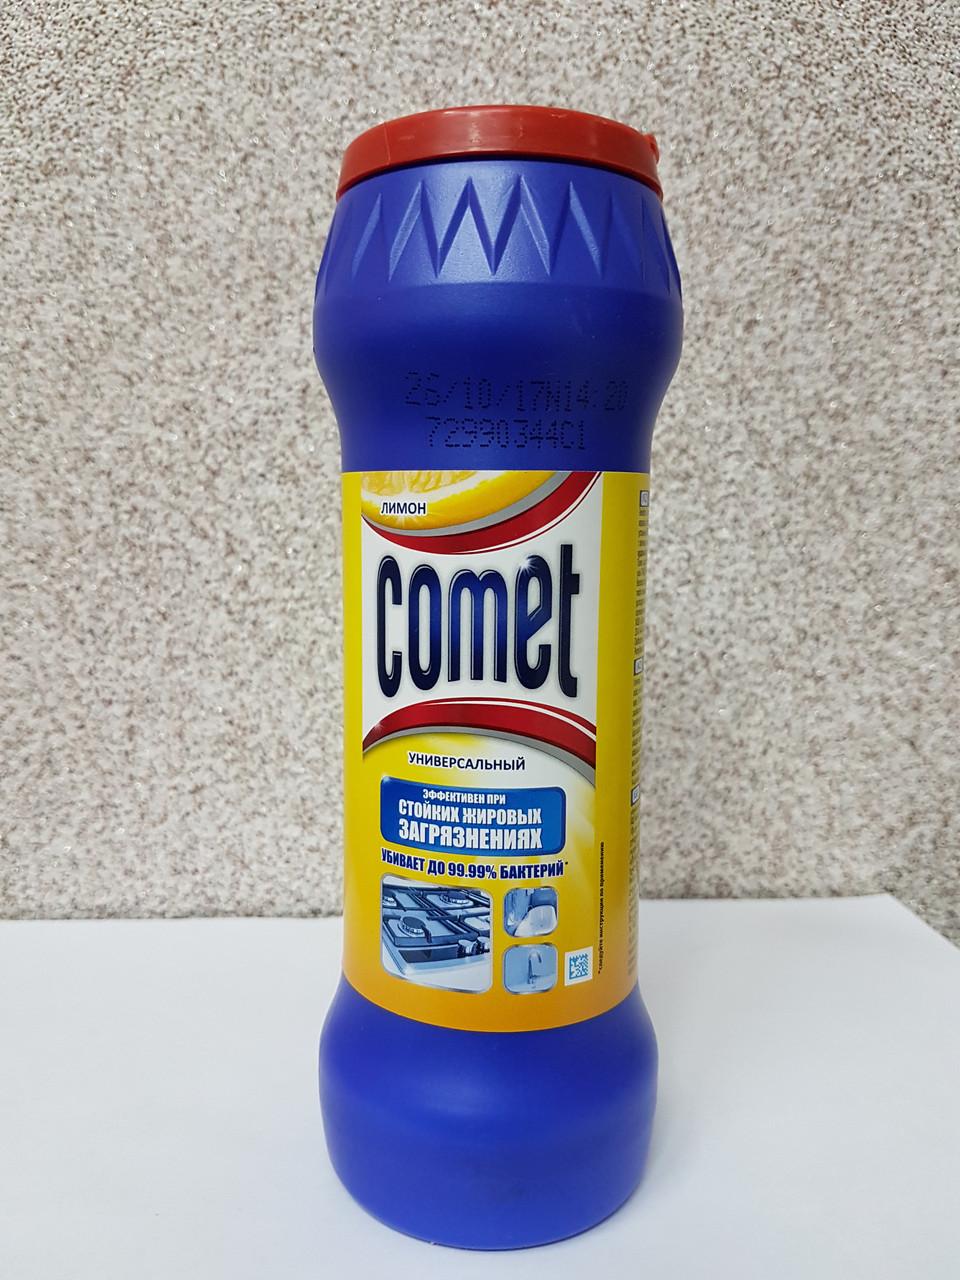 """Порошок comet """"Лимон"""" в банке 475 гр."""